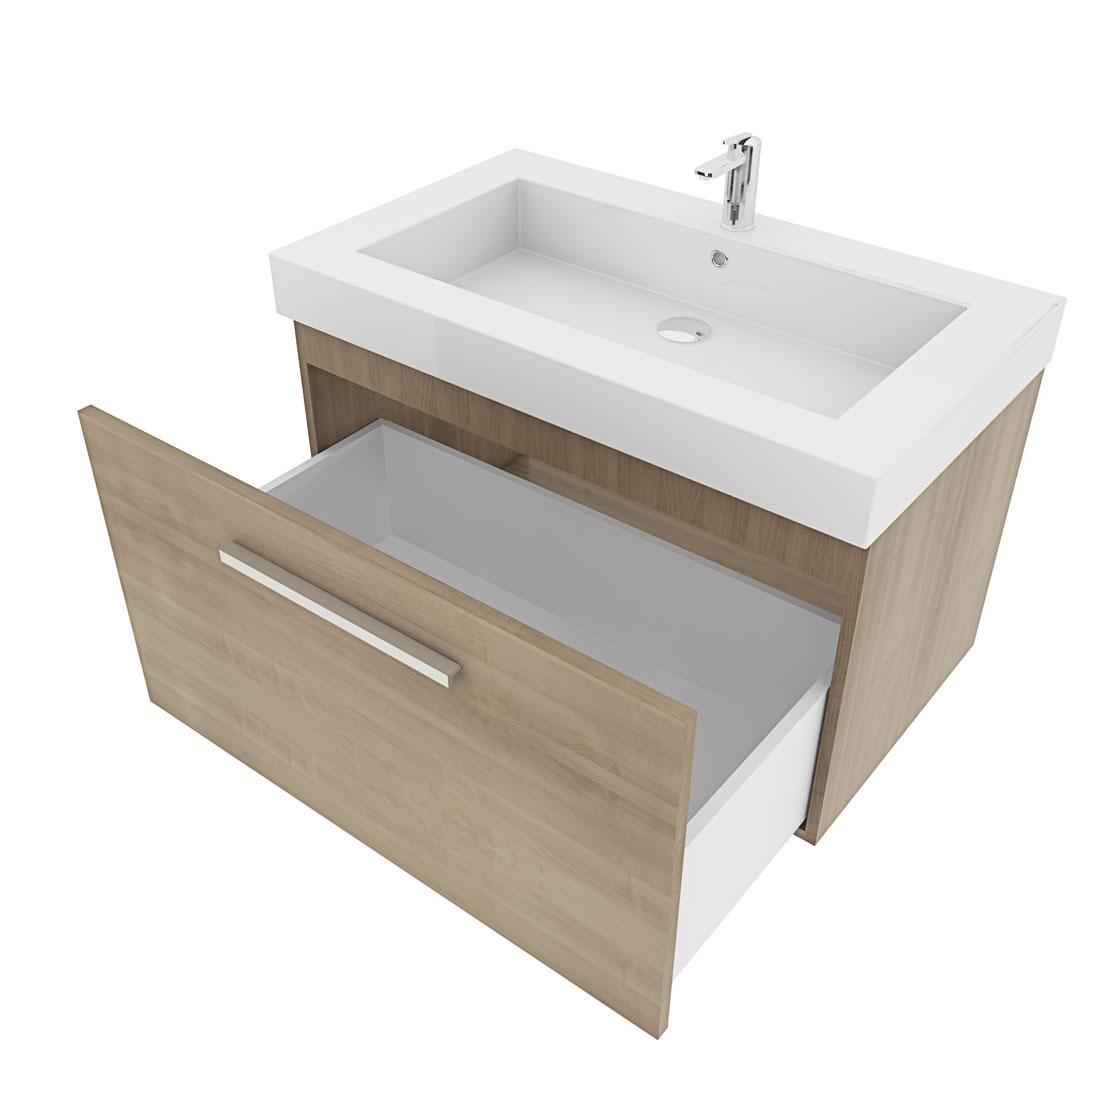 waschtisch mit waschbecken unterschrank city 100 80cm. Black Bedroom Furniture Sets. Home Design Ideas